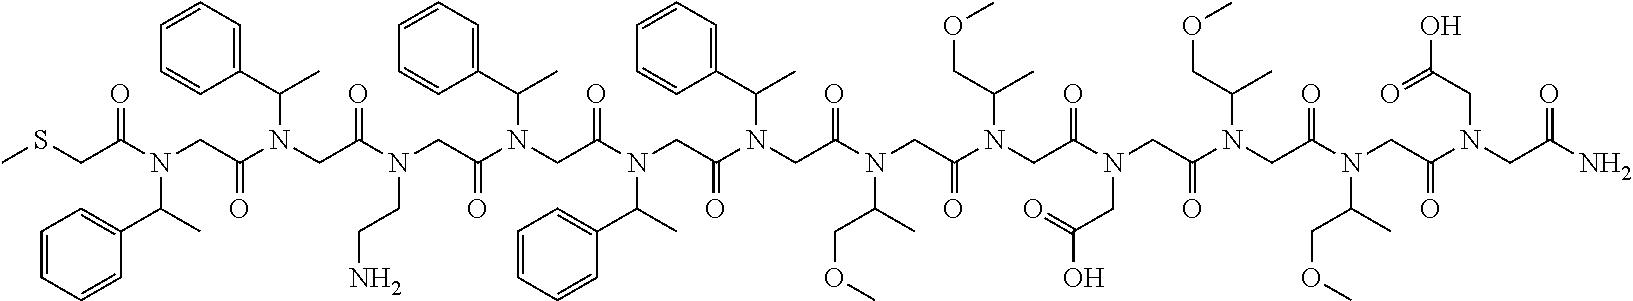 Figure US08461300-20130611-C00002